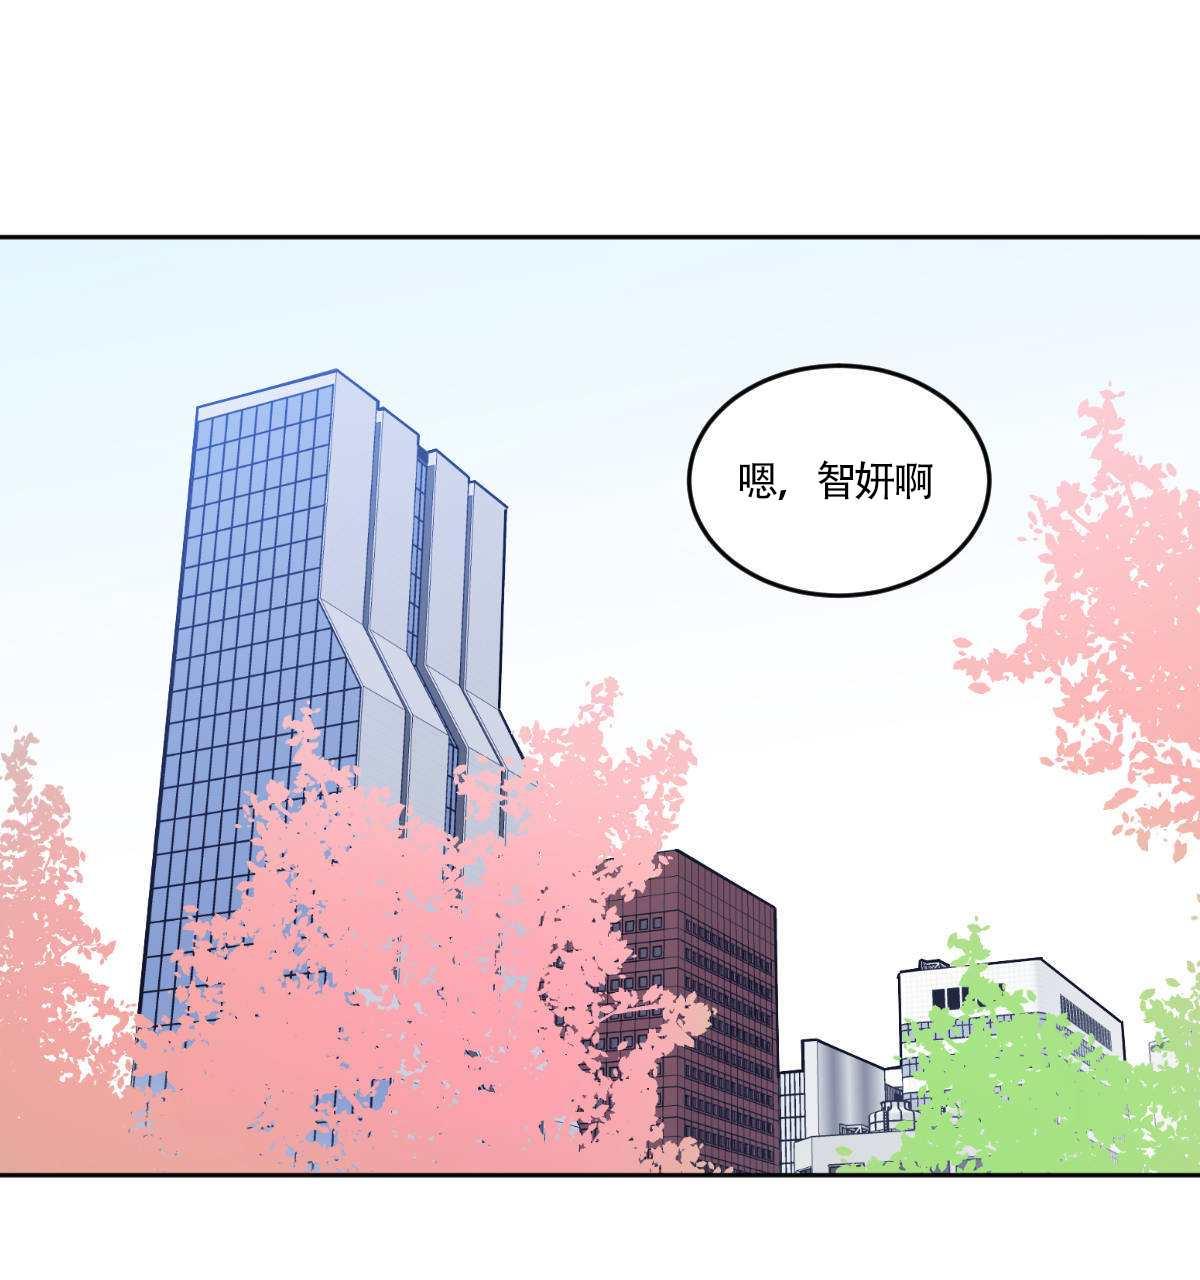 韩漫《新入职员》撩走办公室最可怕的大魔王!  第2张